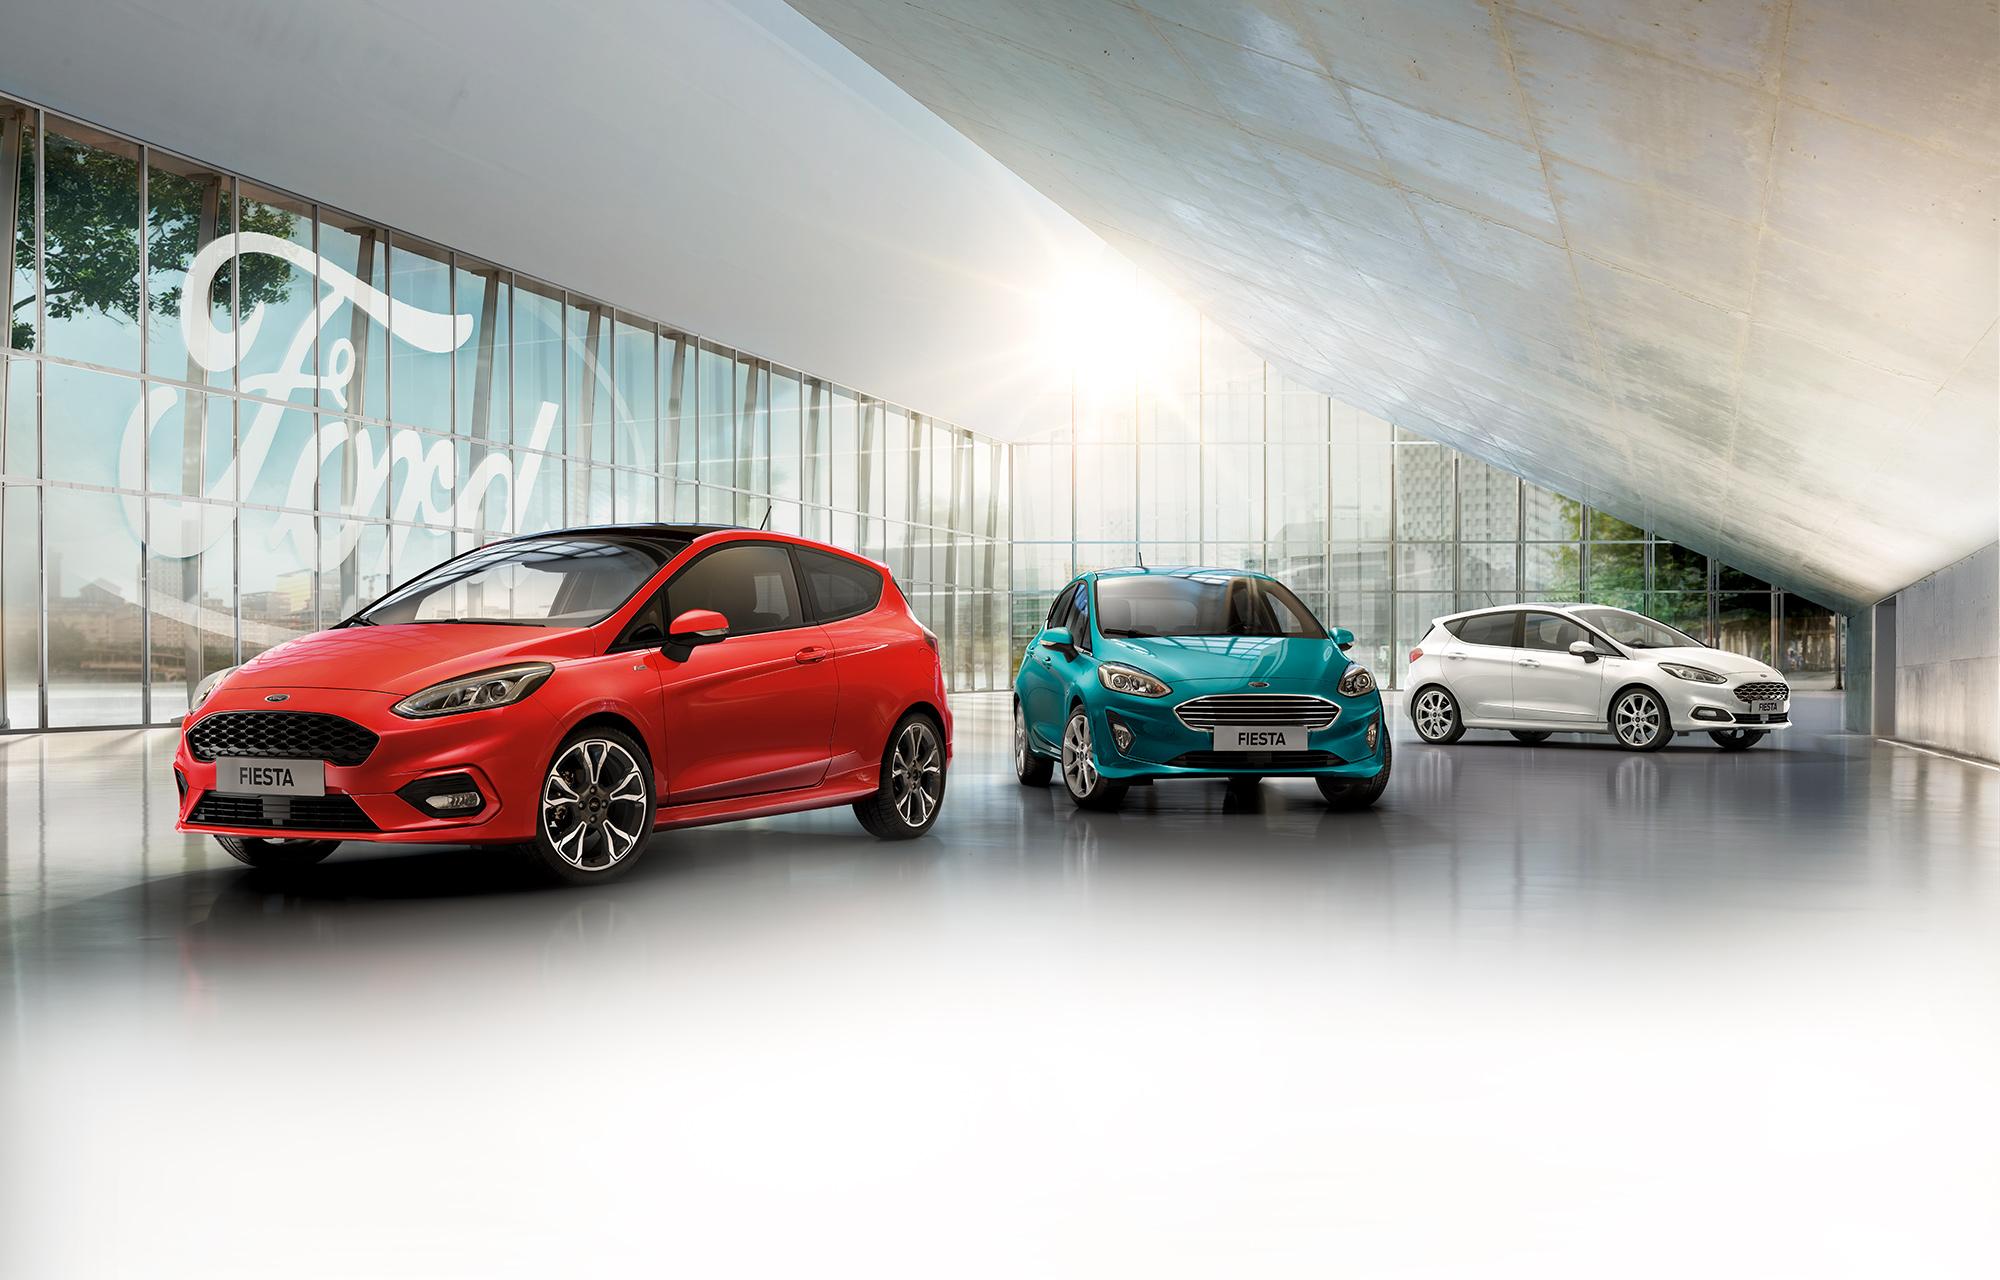 Grand Jeu Gratuit : Gagnez une Nouvelle Ford Fiesta